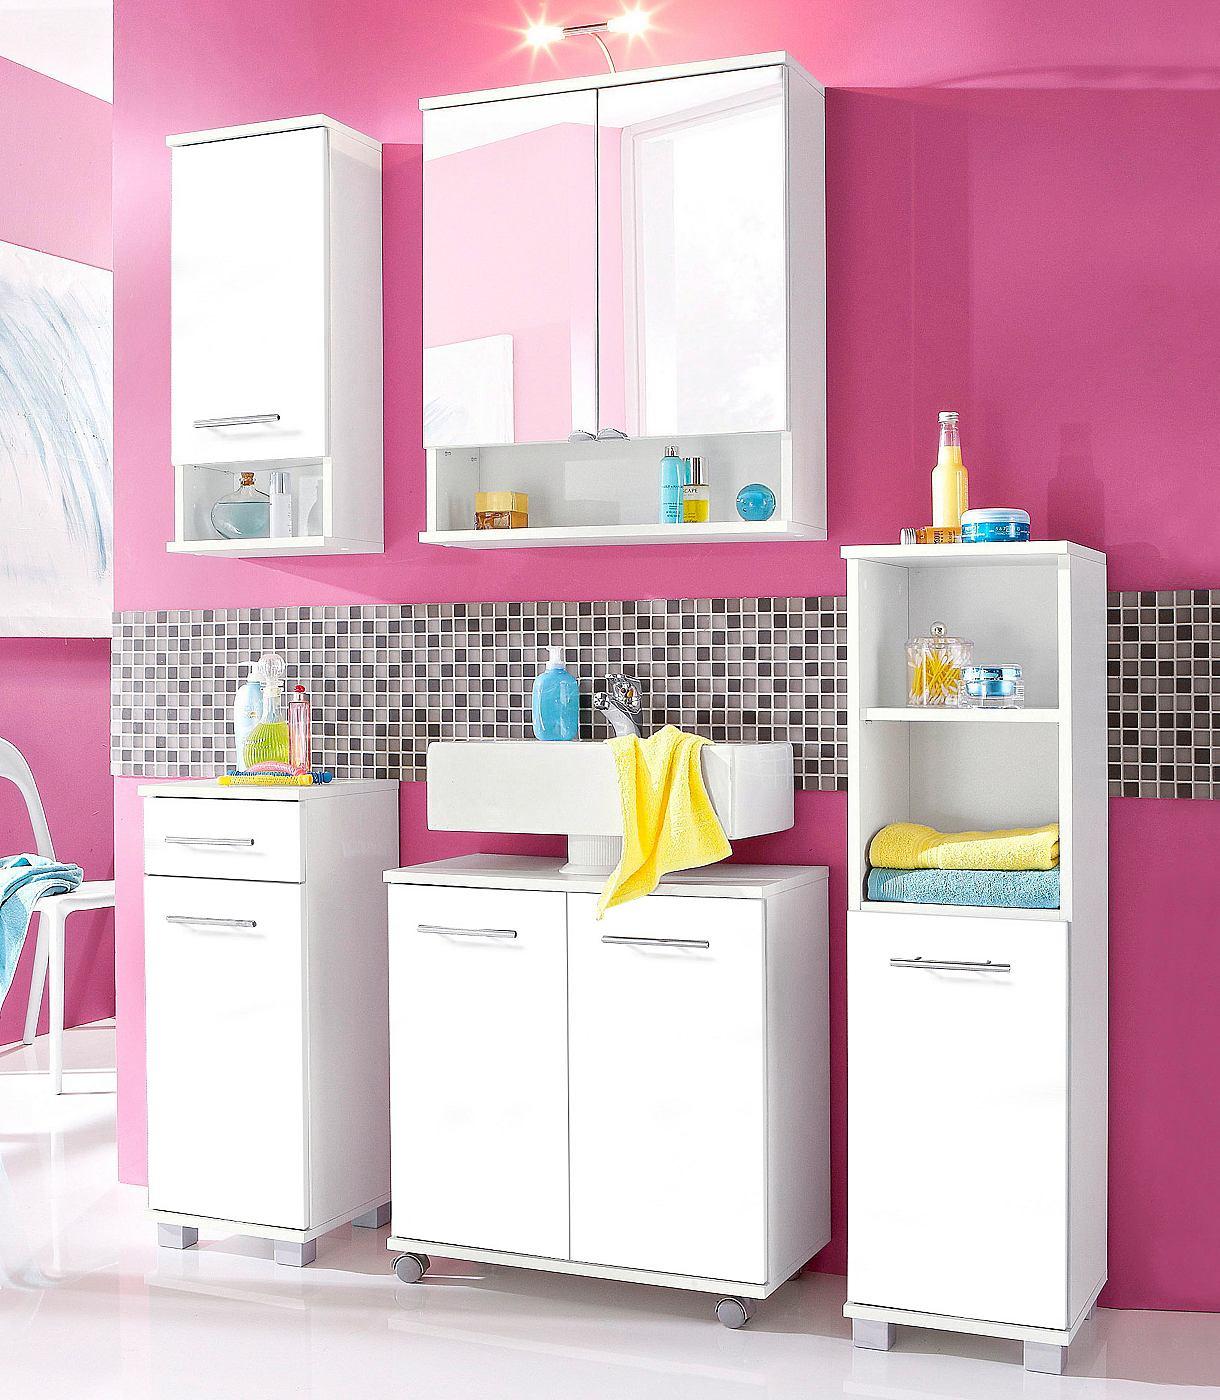 ber 50 sparen badm bel sets im angebot seite 4 von 4 cherry m bel. Black Bedroom Furniture Sets. Home Design Ideas